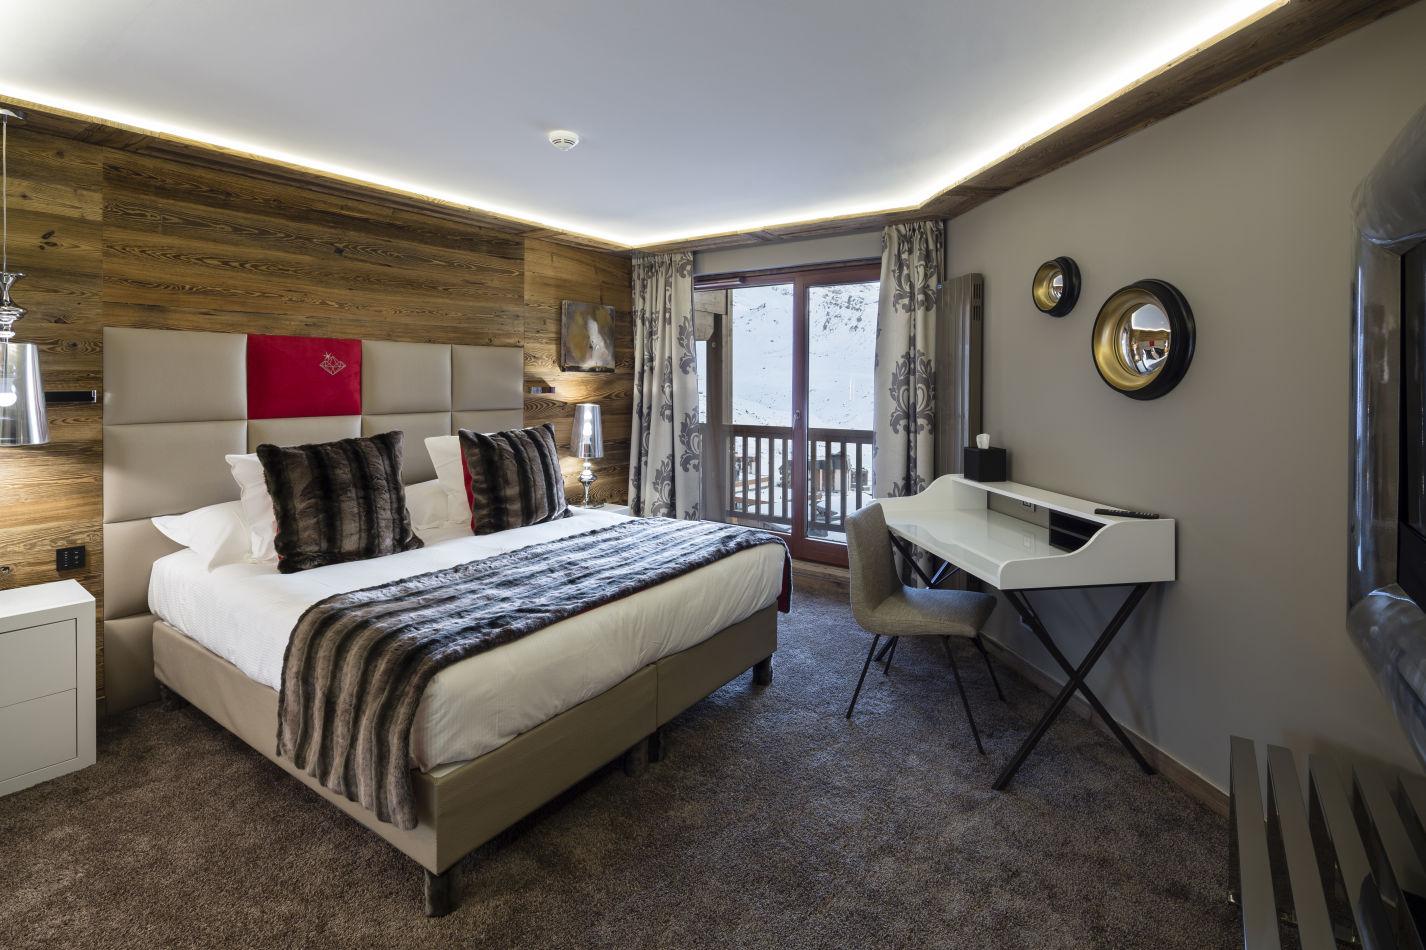 duo-room-26-m%c2%b2